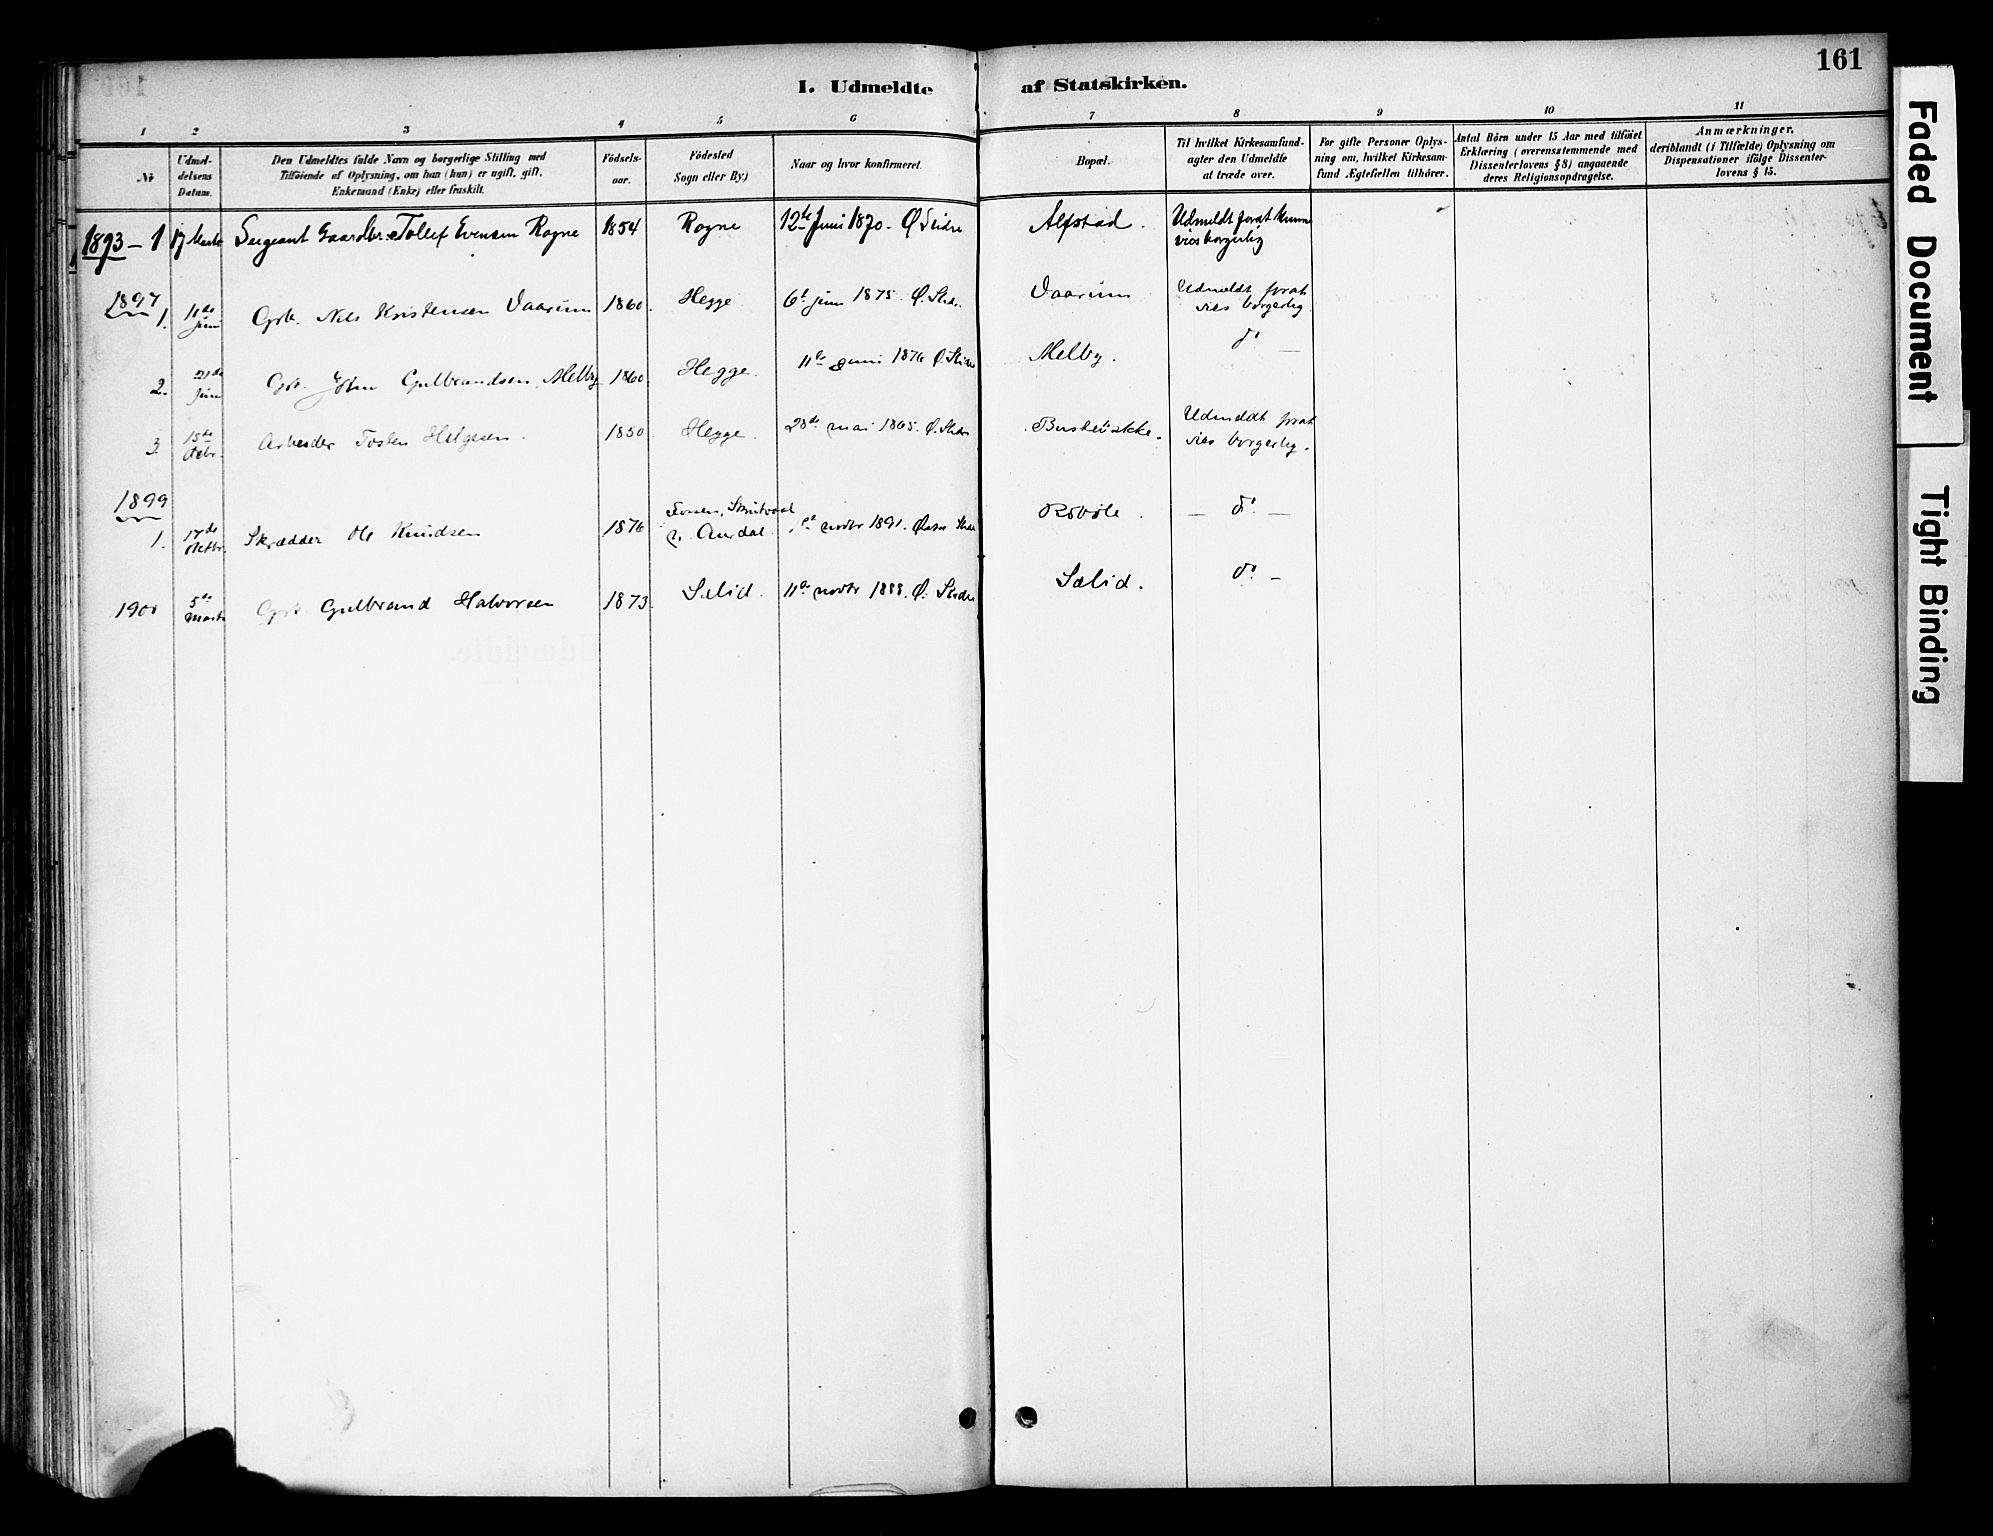 SAH, Øystre Slidre prestekontor, Ministerialbok nr. 4, 1887-1910, s. 161